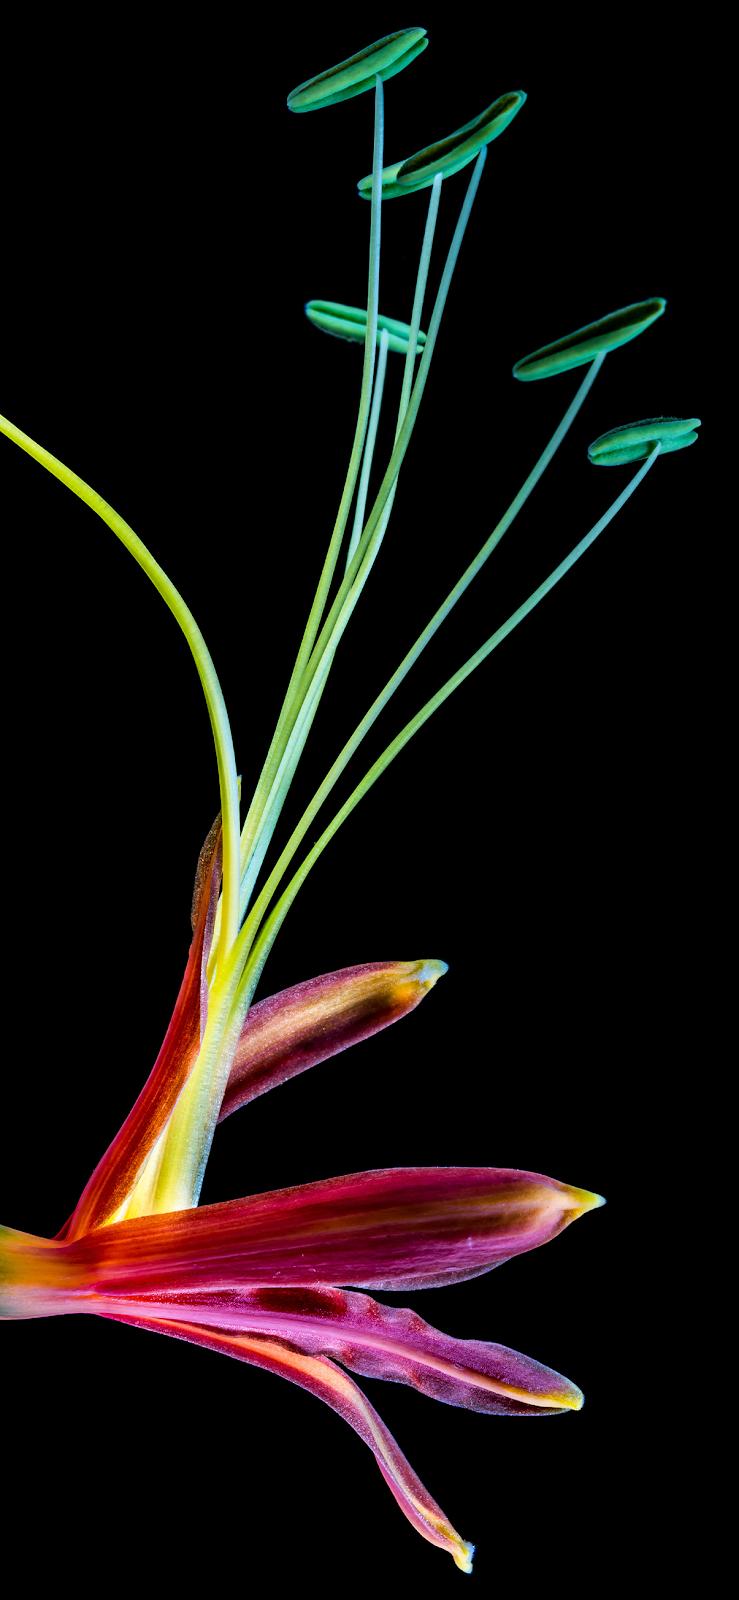 wallpaper-flower